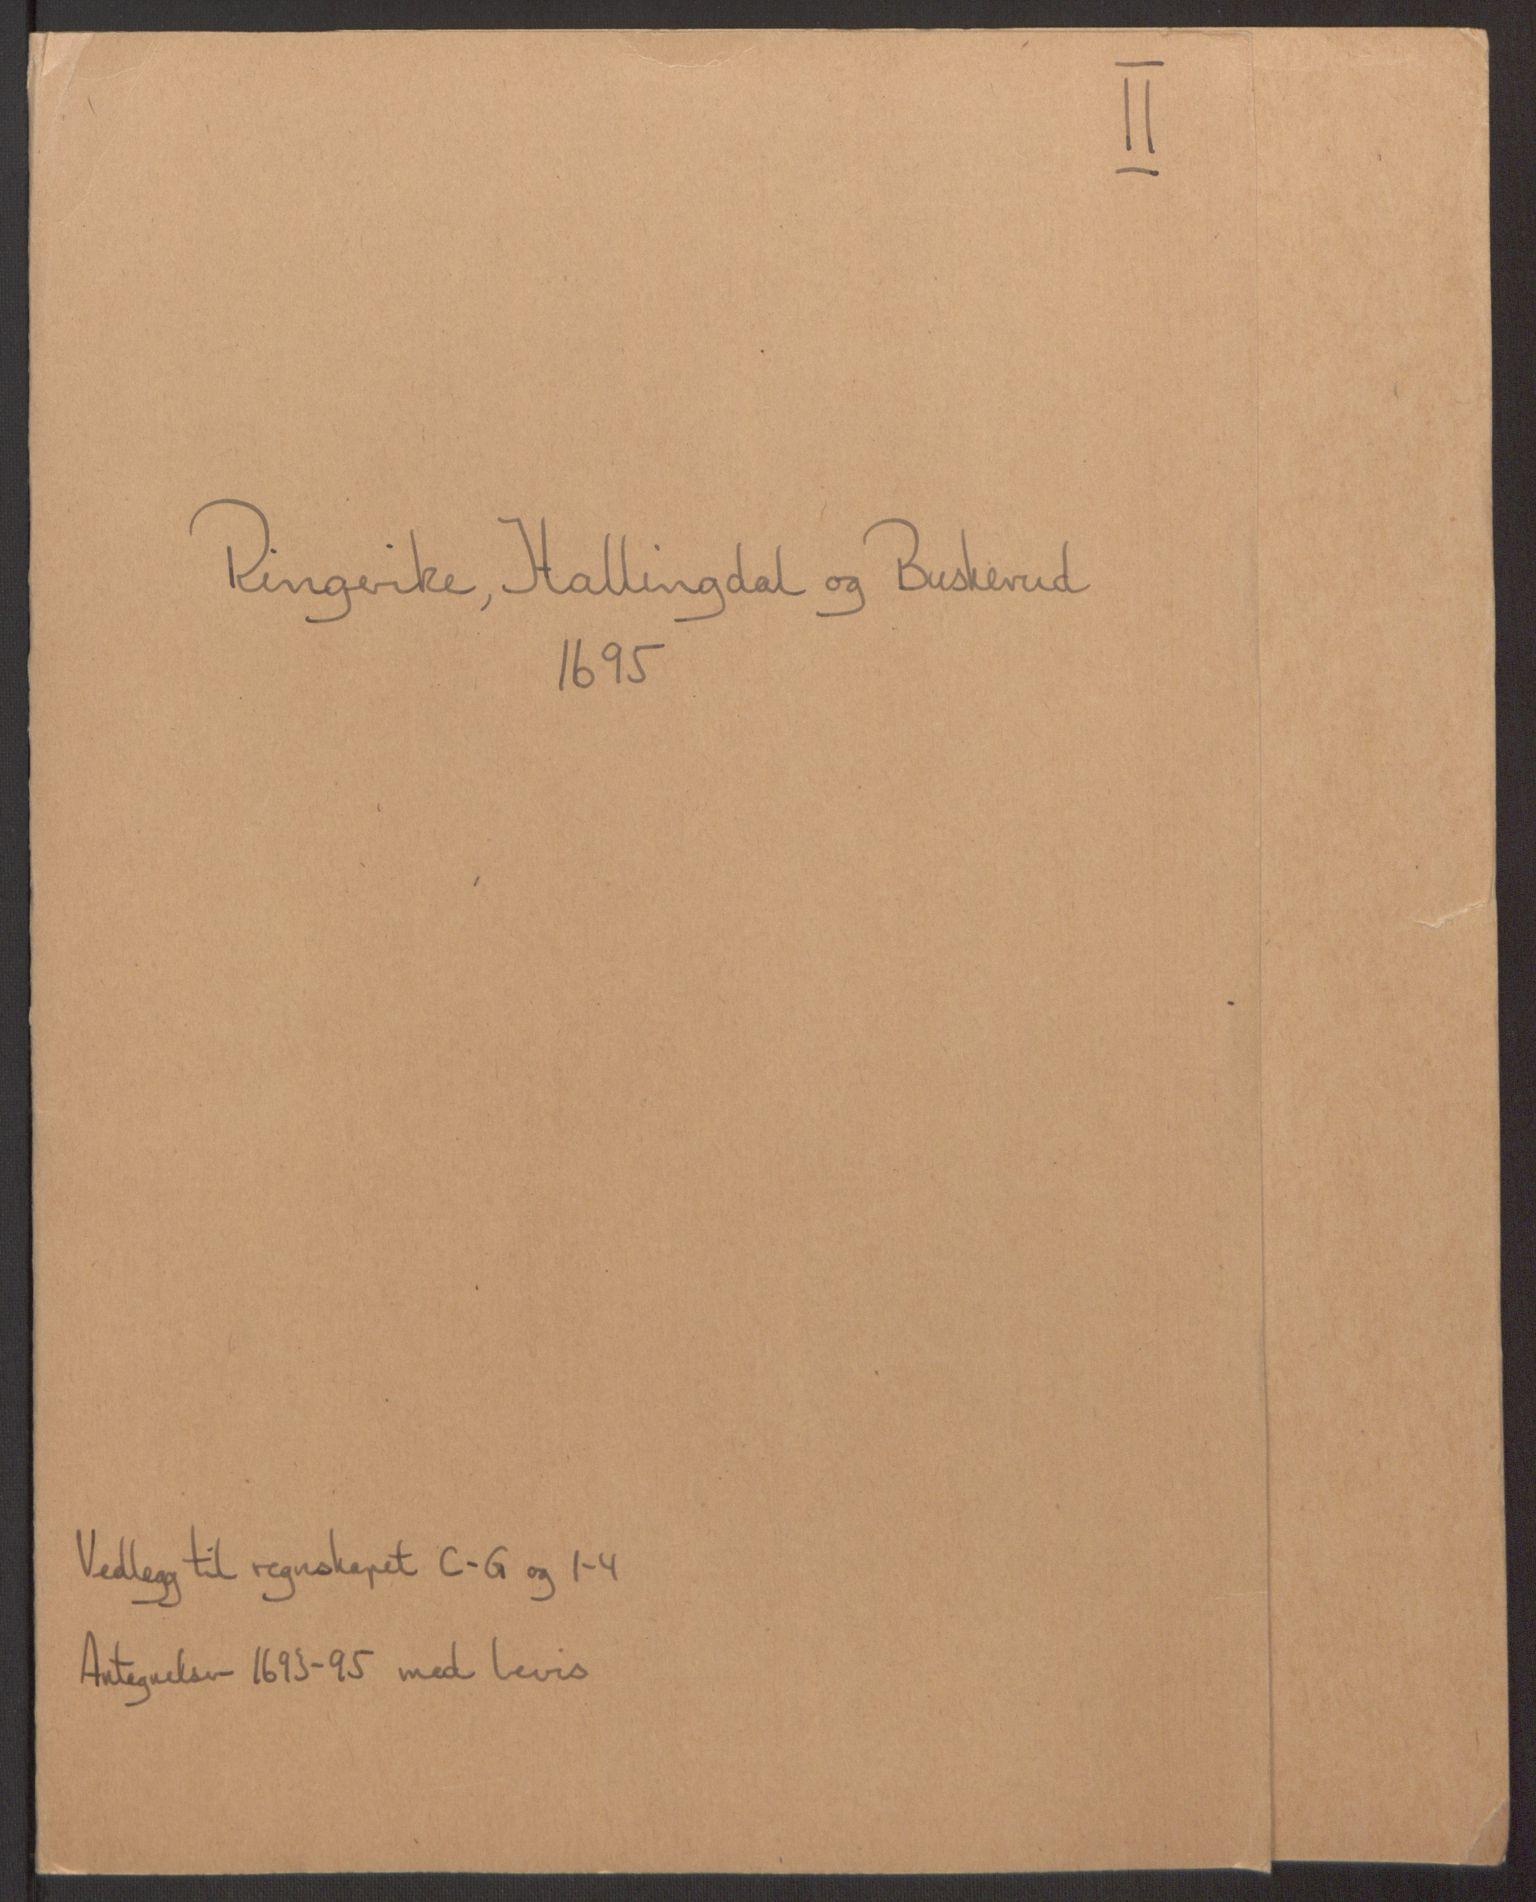 RA, Rentekammeret inntil 1814, Reviderte regnskaper, Fogderegnskap, R22/L1452: Fogderegnskap Ringerike, Hallingdal og Buskerud, 1695, s. 214